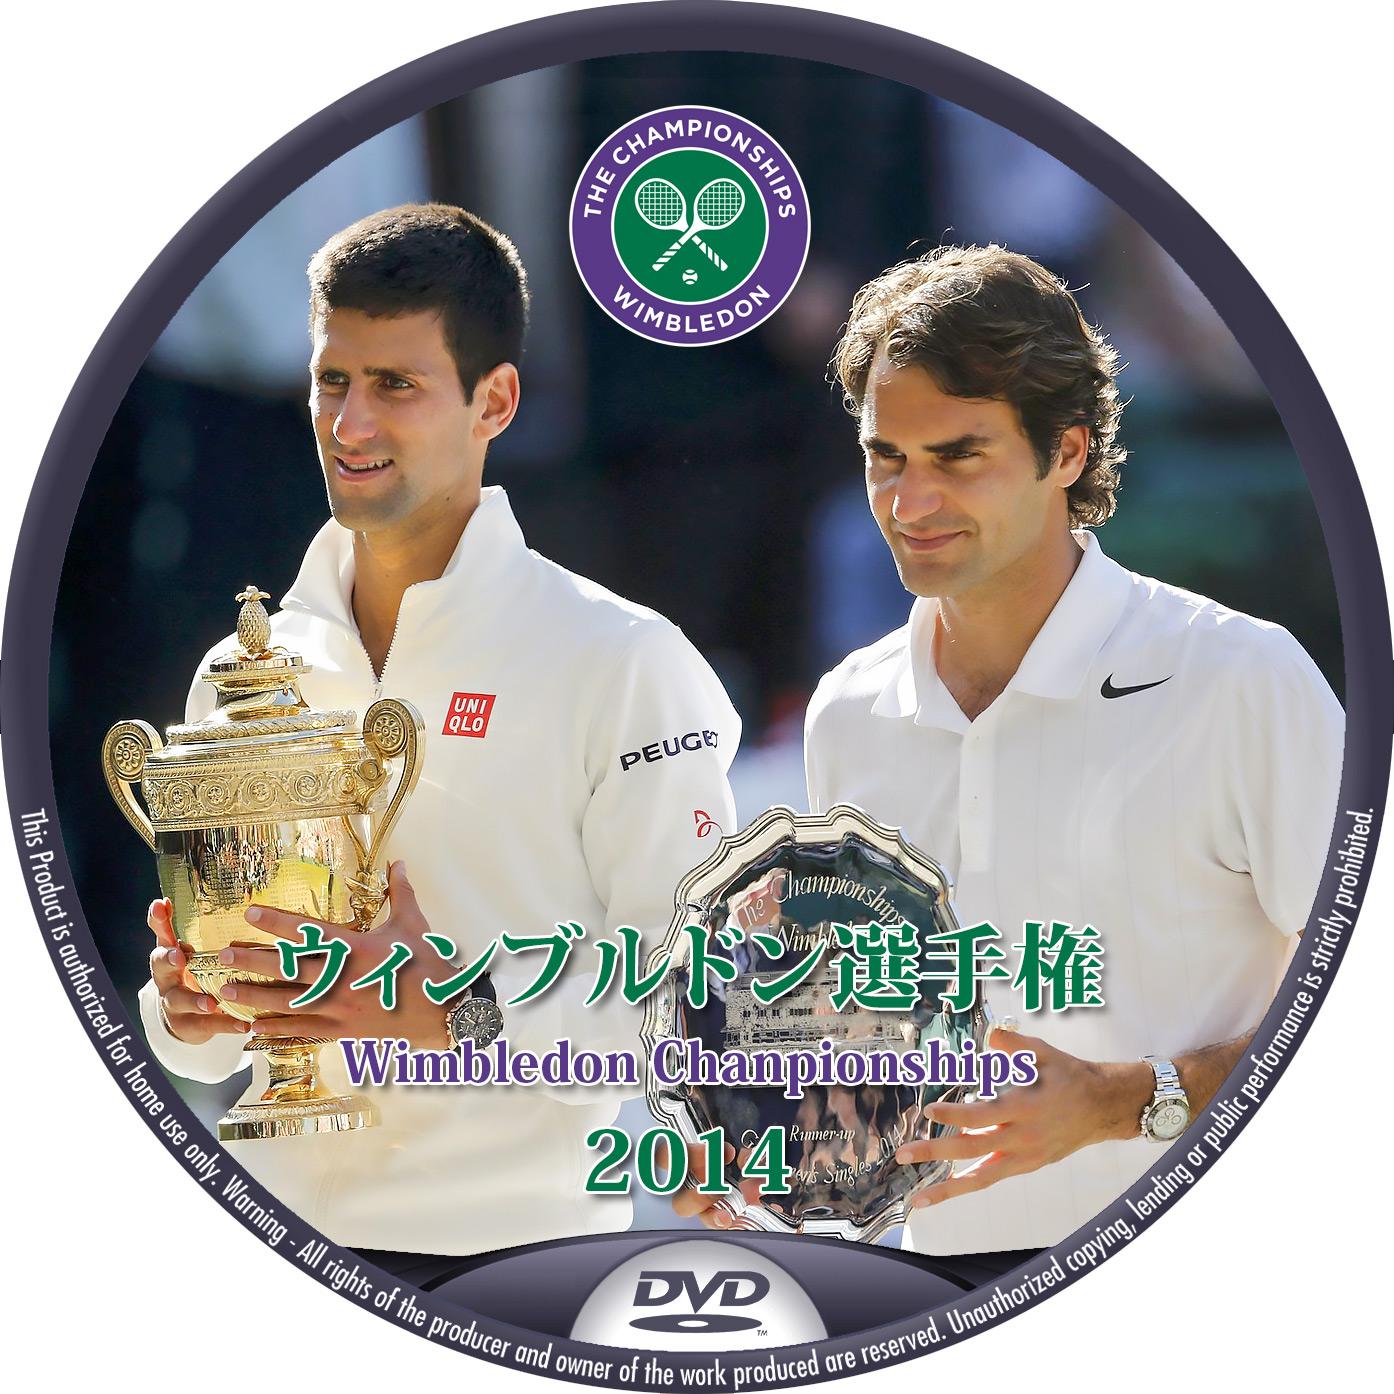 ウィンブルドン 2014 DVDラベル ジョコビッチ フェデラー